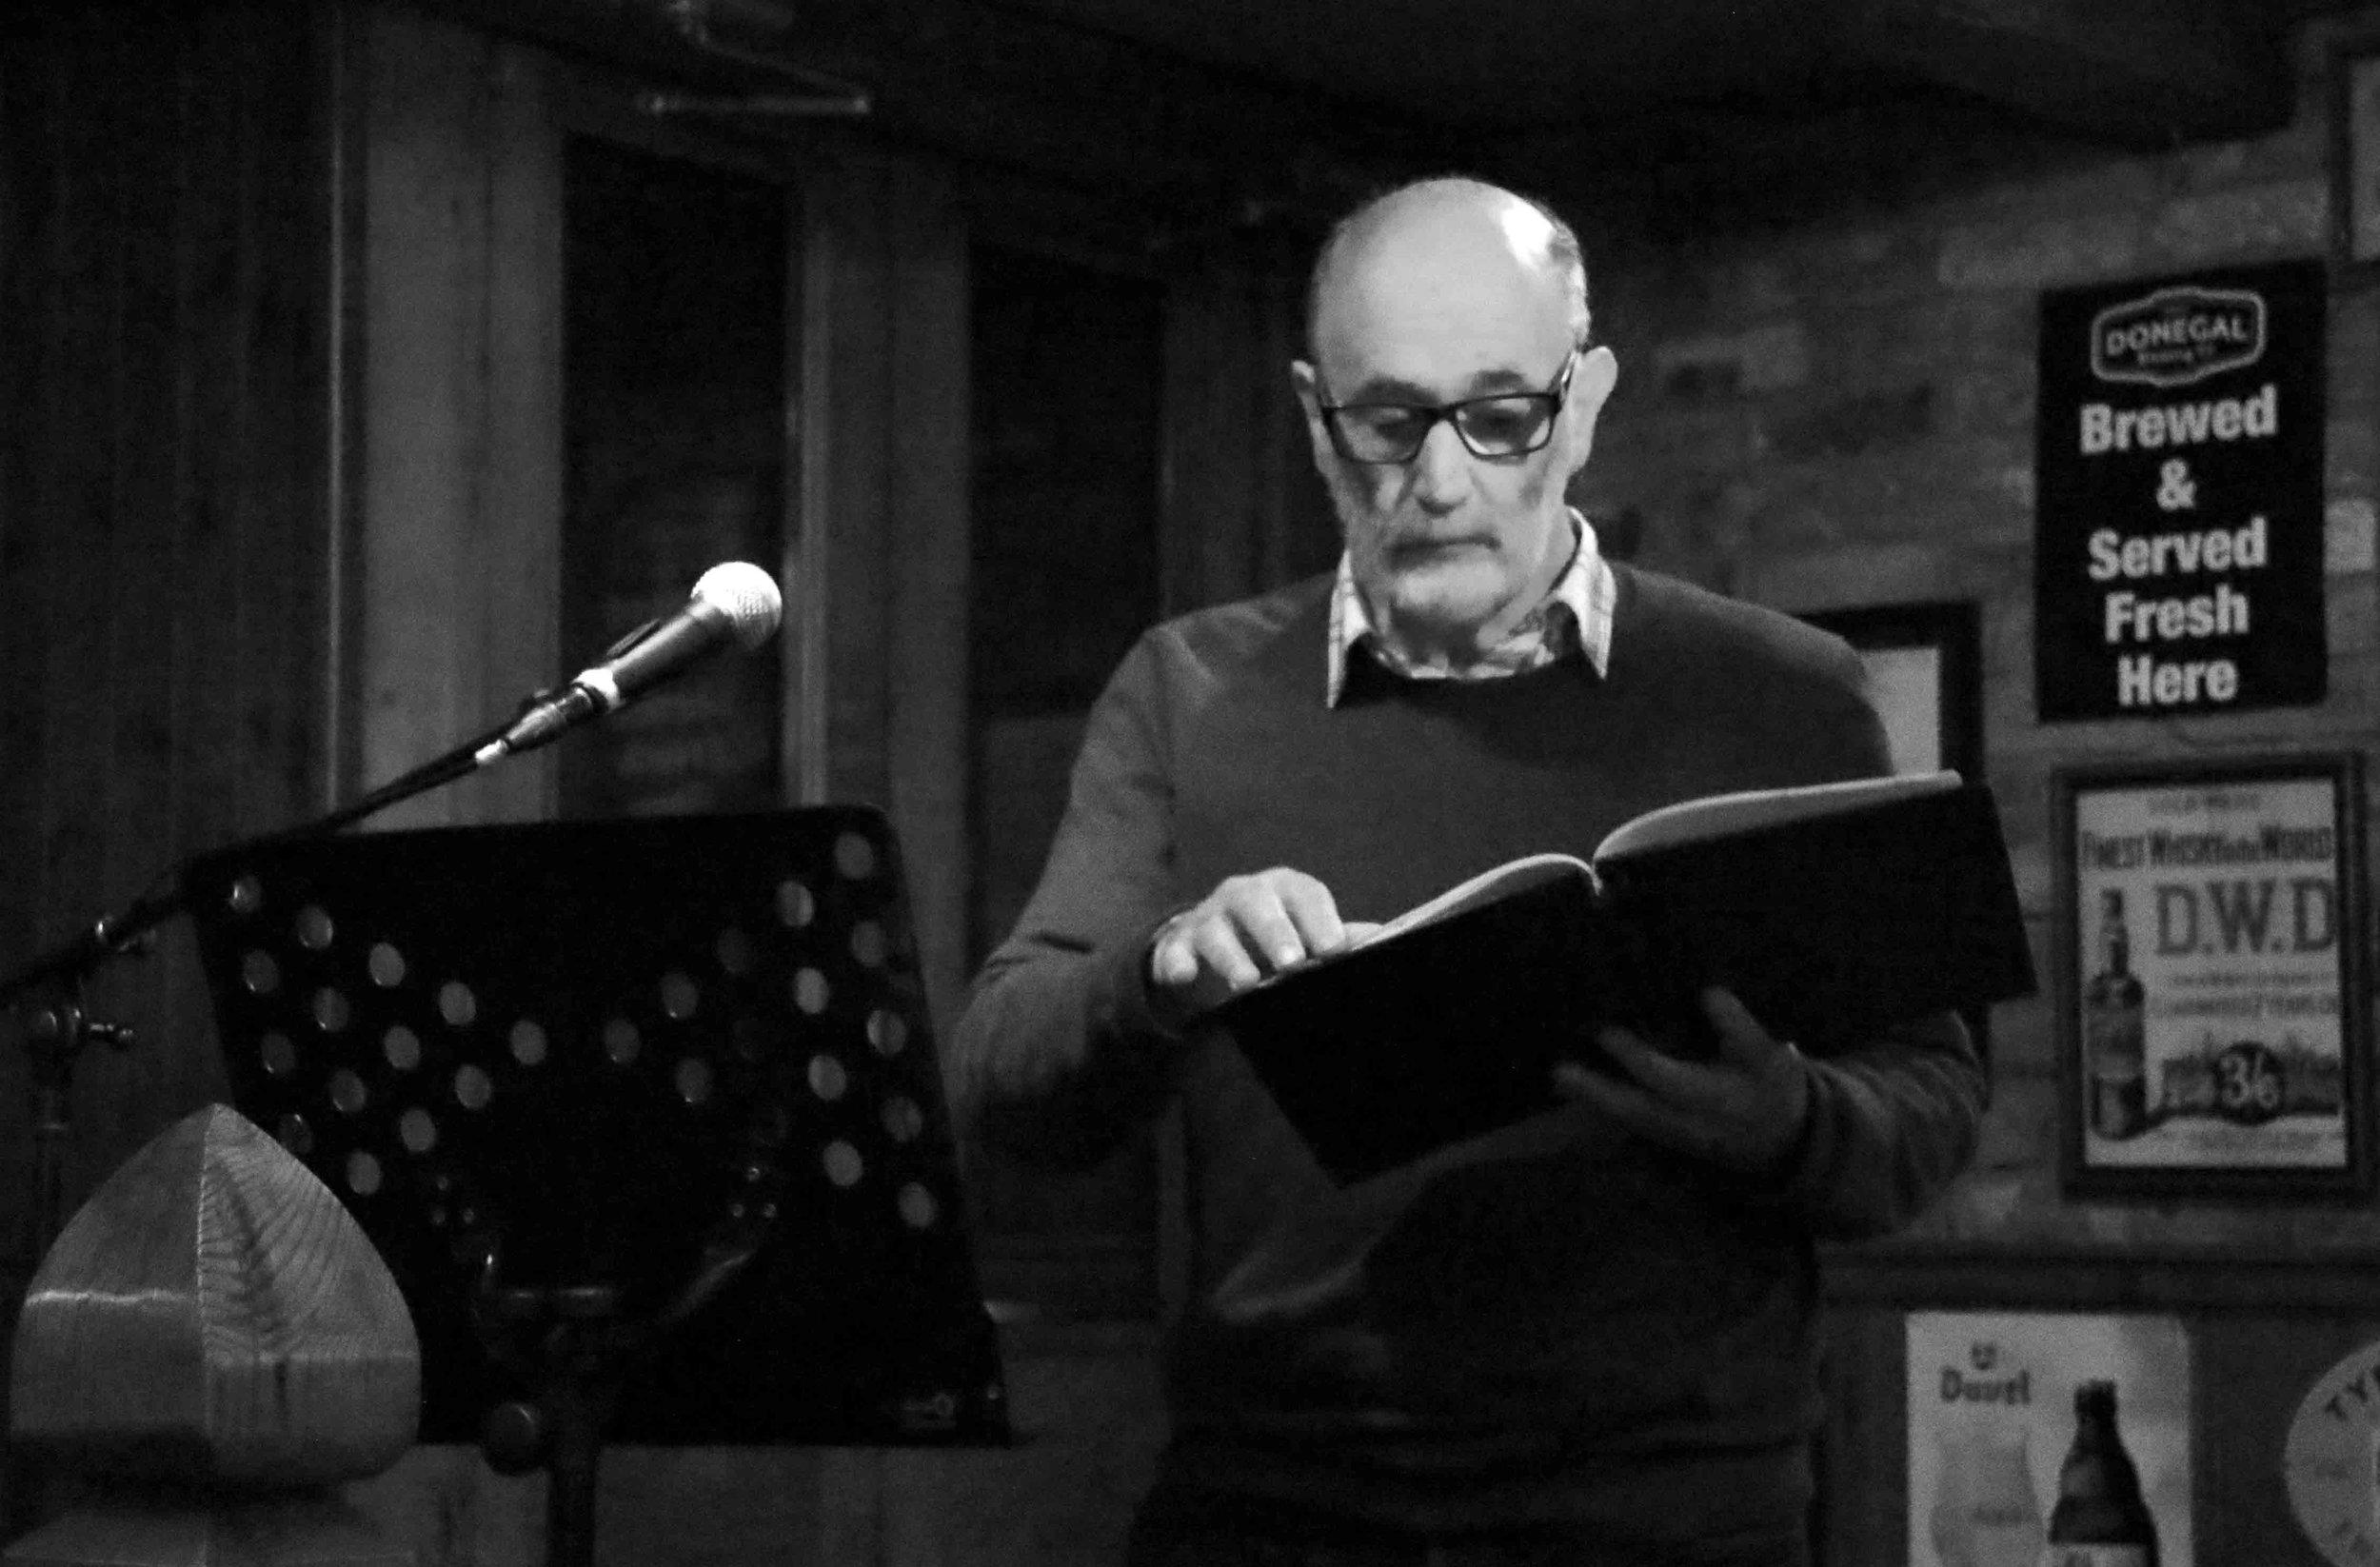 Poetry Reading with Mick Delap - Allingham Festival 2016, Ballyshannon-15.jpg